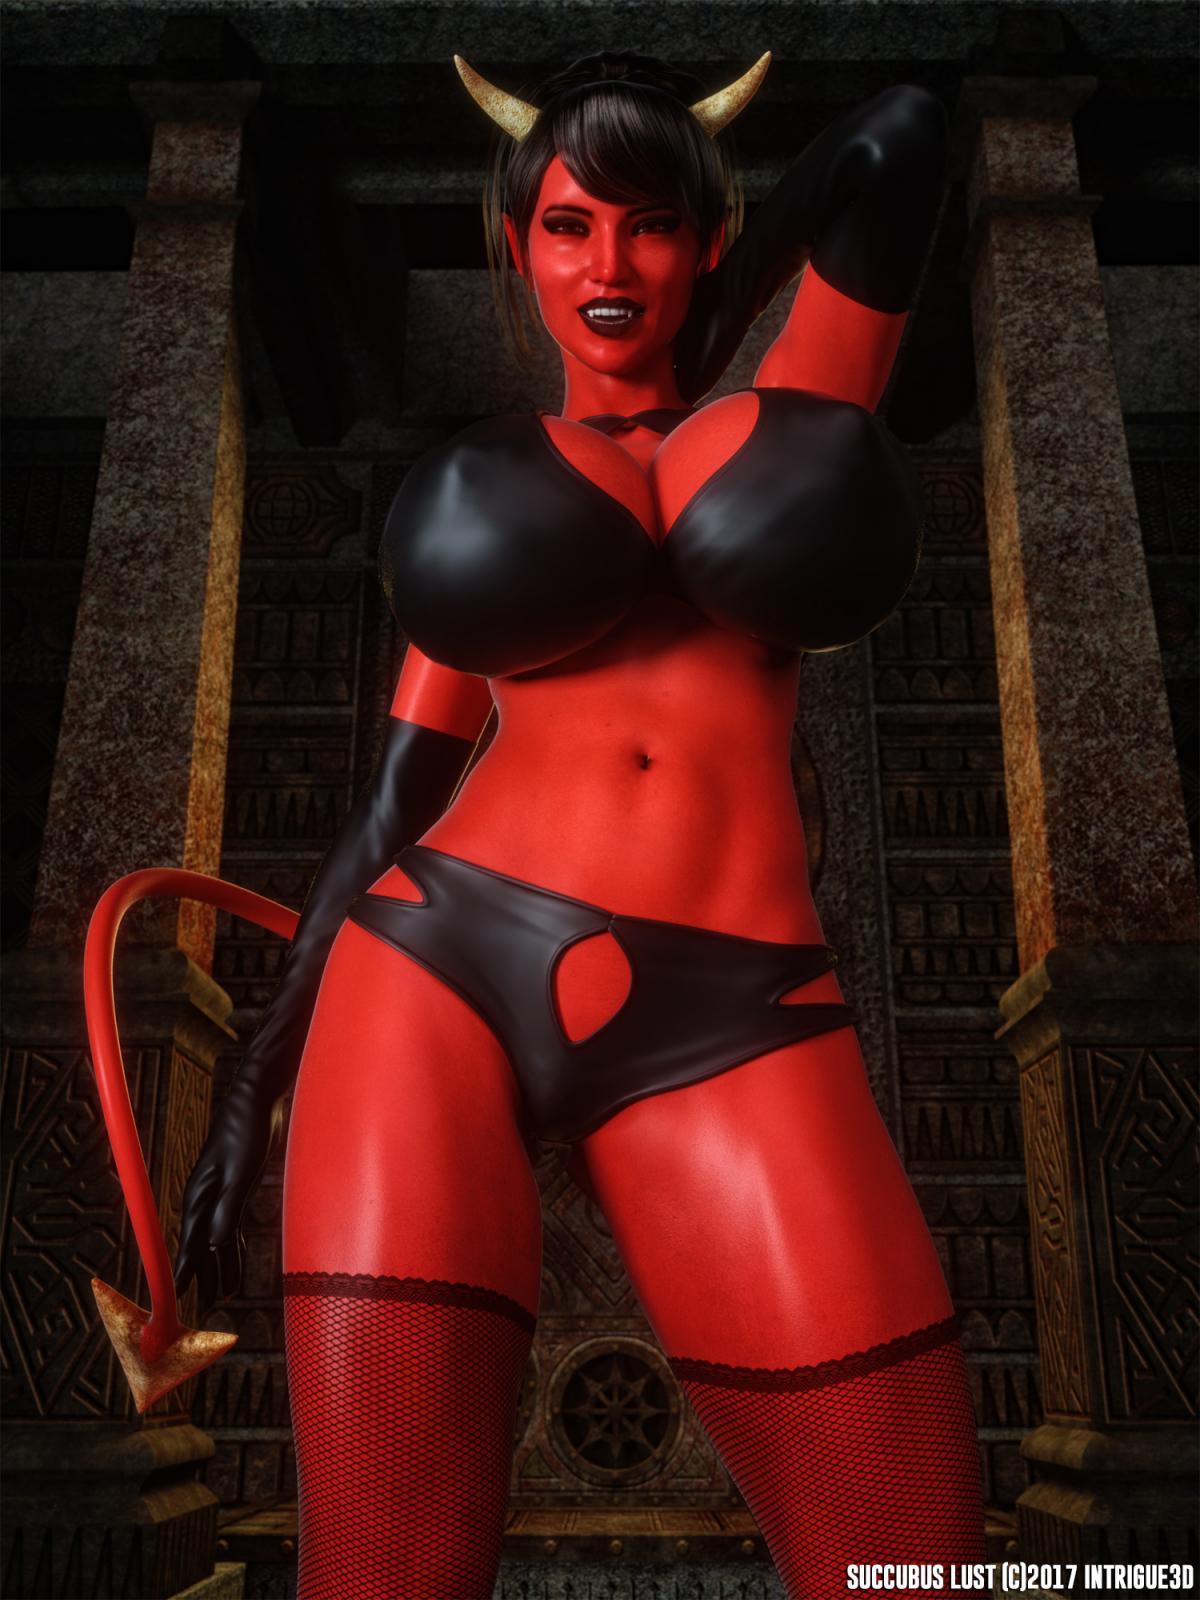 Hình ảnh 39958087154_55949690ca_o trong bài viết Succubus Lust